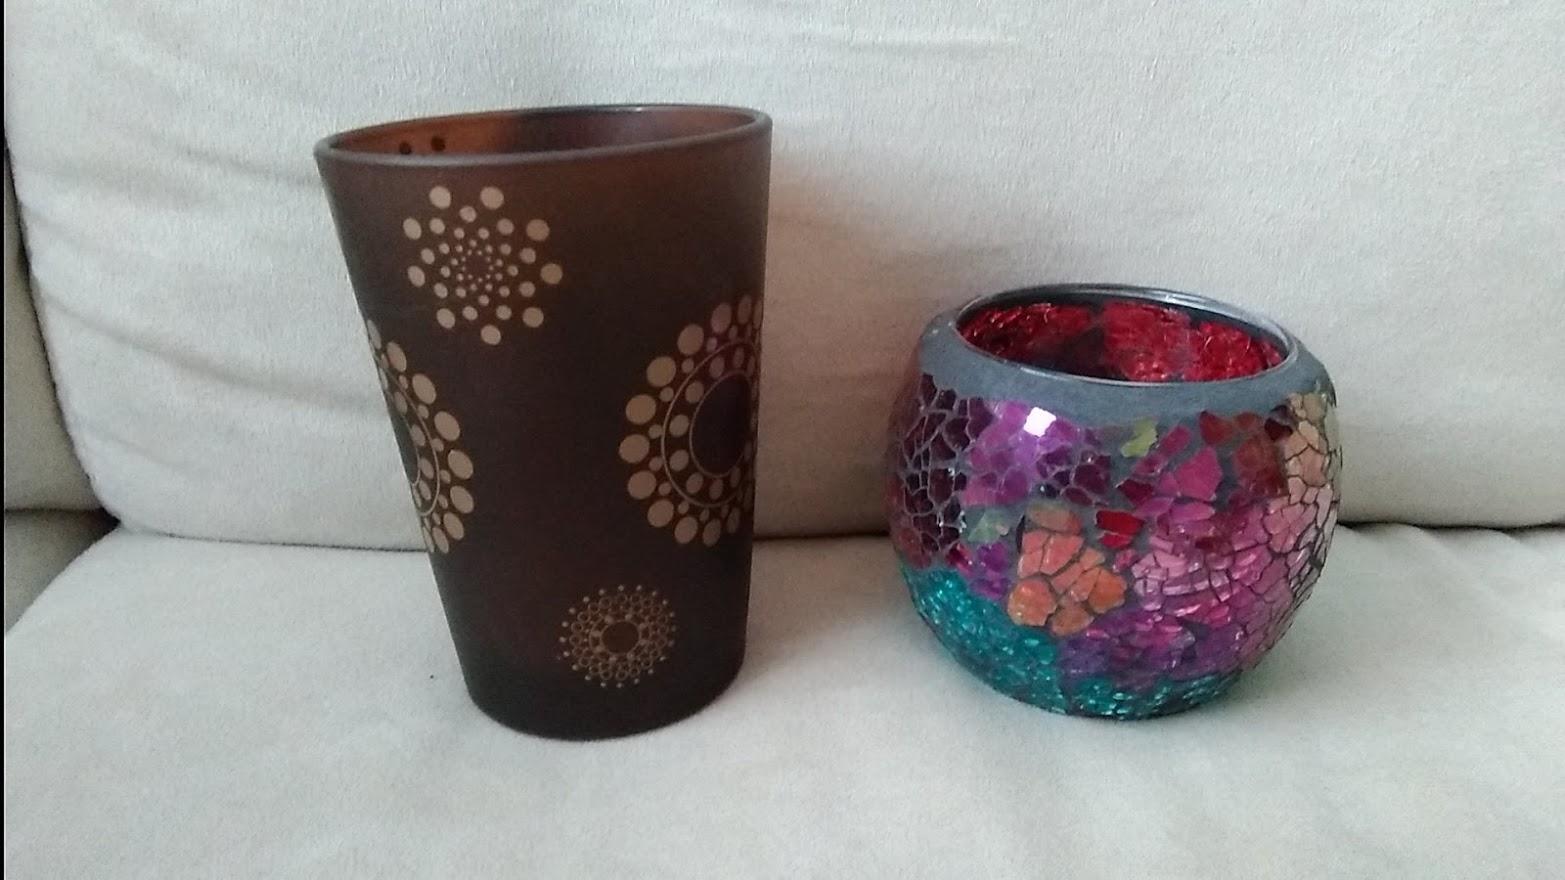 Sklenené svietniky na čajové sviečky - Obrázok č. 3